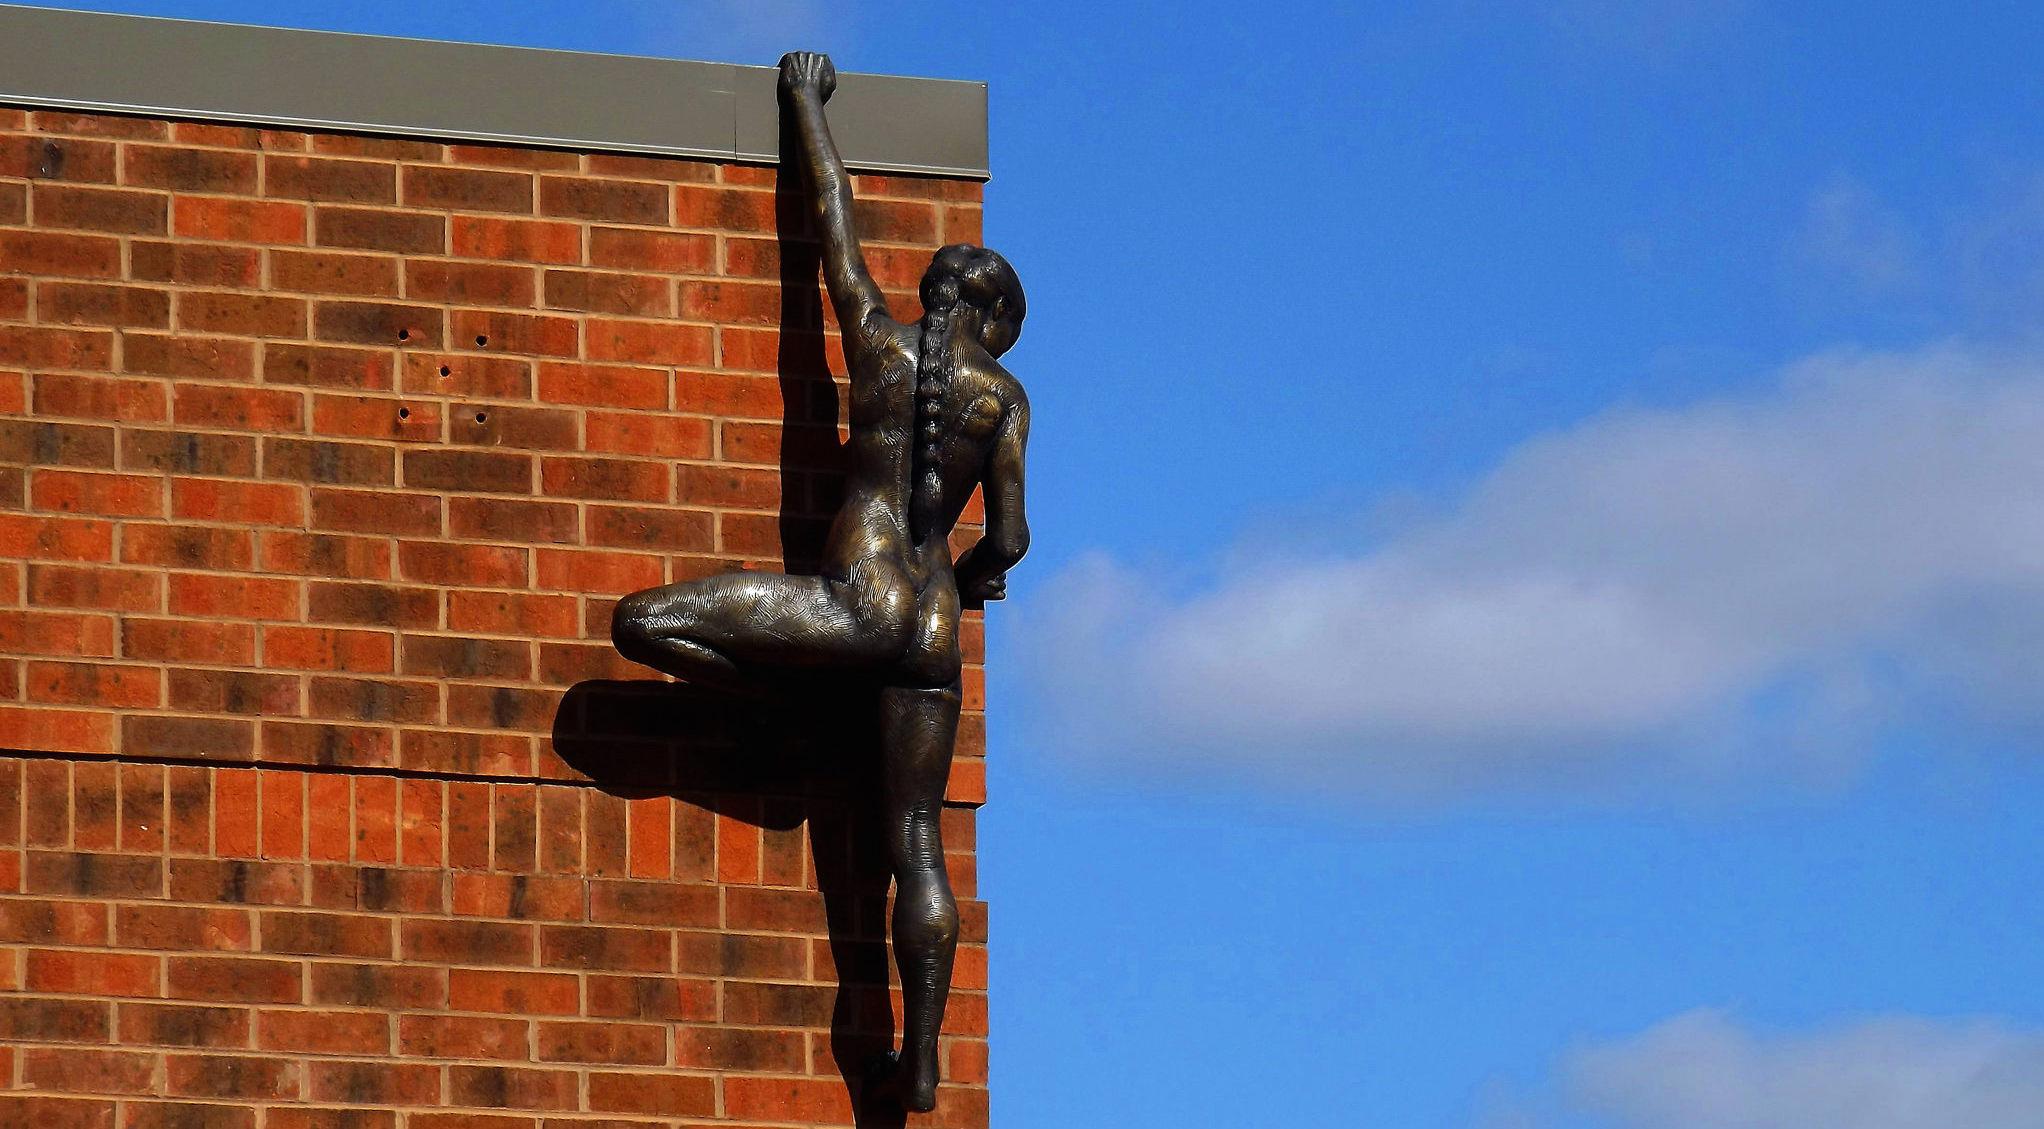 nakedwomanclimber